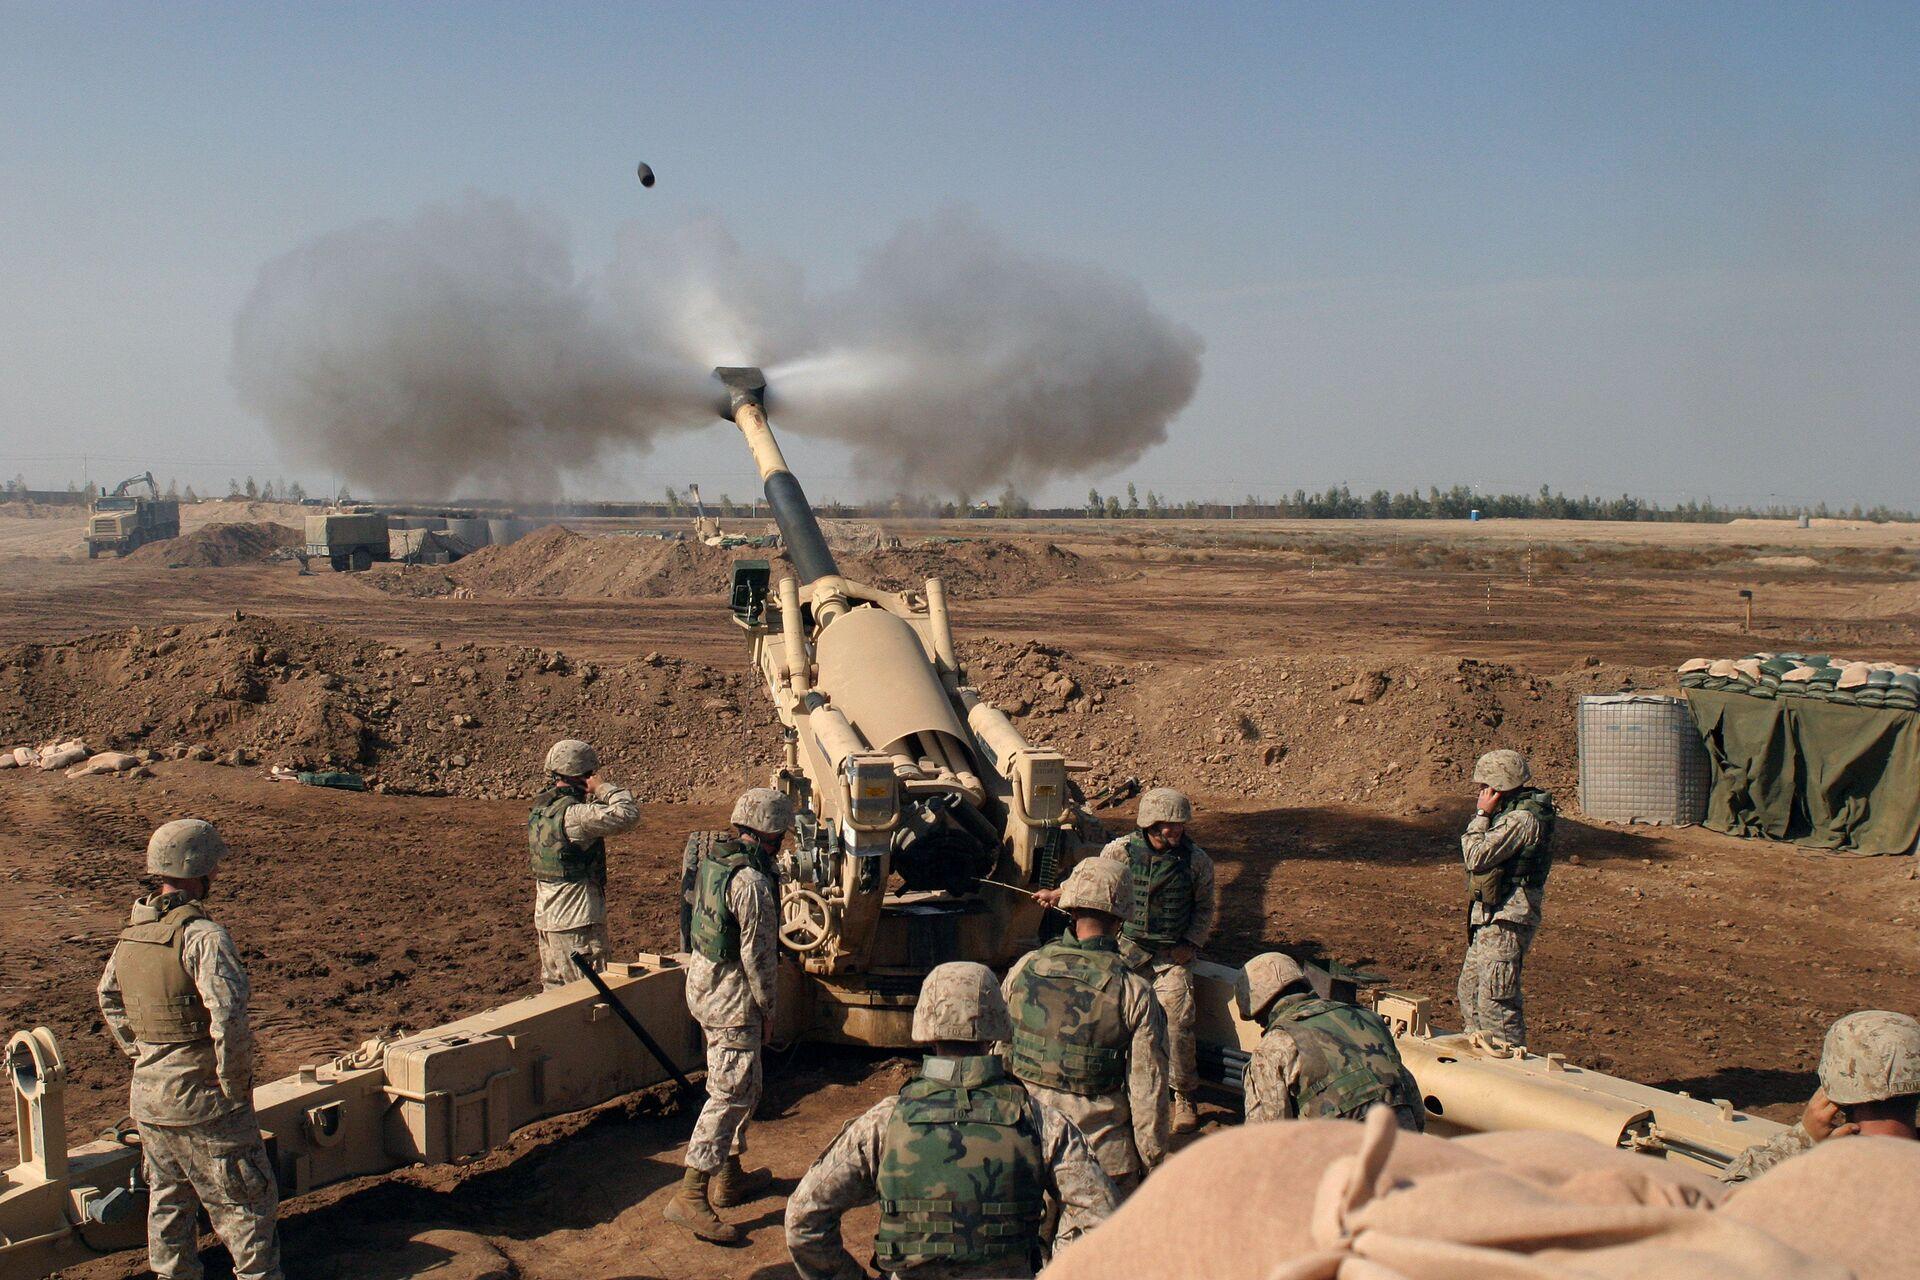 155-мм гаубица M198 ведёт огонь в ходе штурма Фаллуджи. 11 ноября 2004 года - РИА Новости, 1920, 25.12.2020